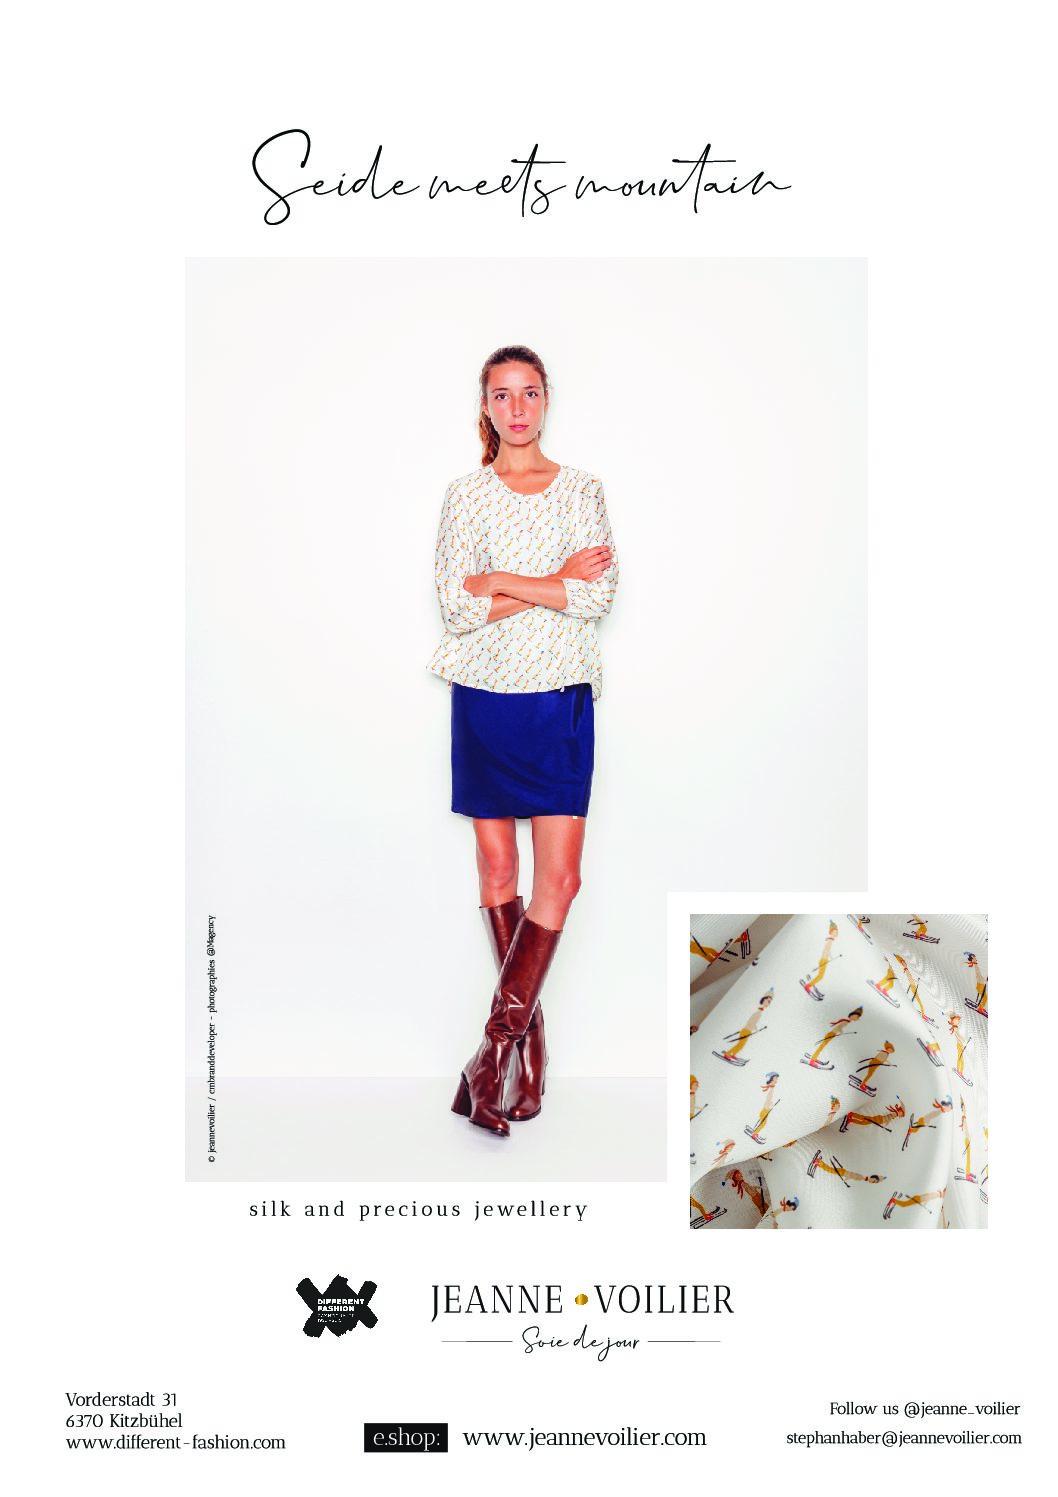 Kitzbühel magazine - hiver 2019-20 | Jeanne Voilier, soies de jour et bijoux précieux